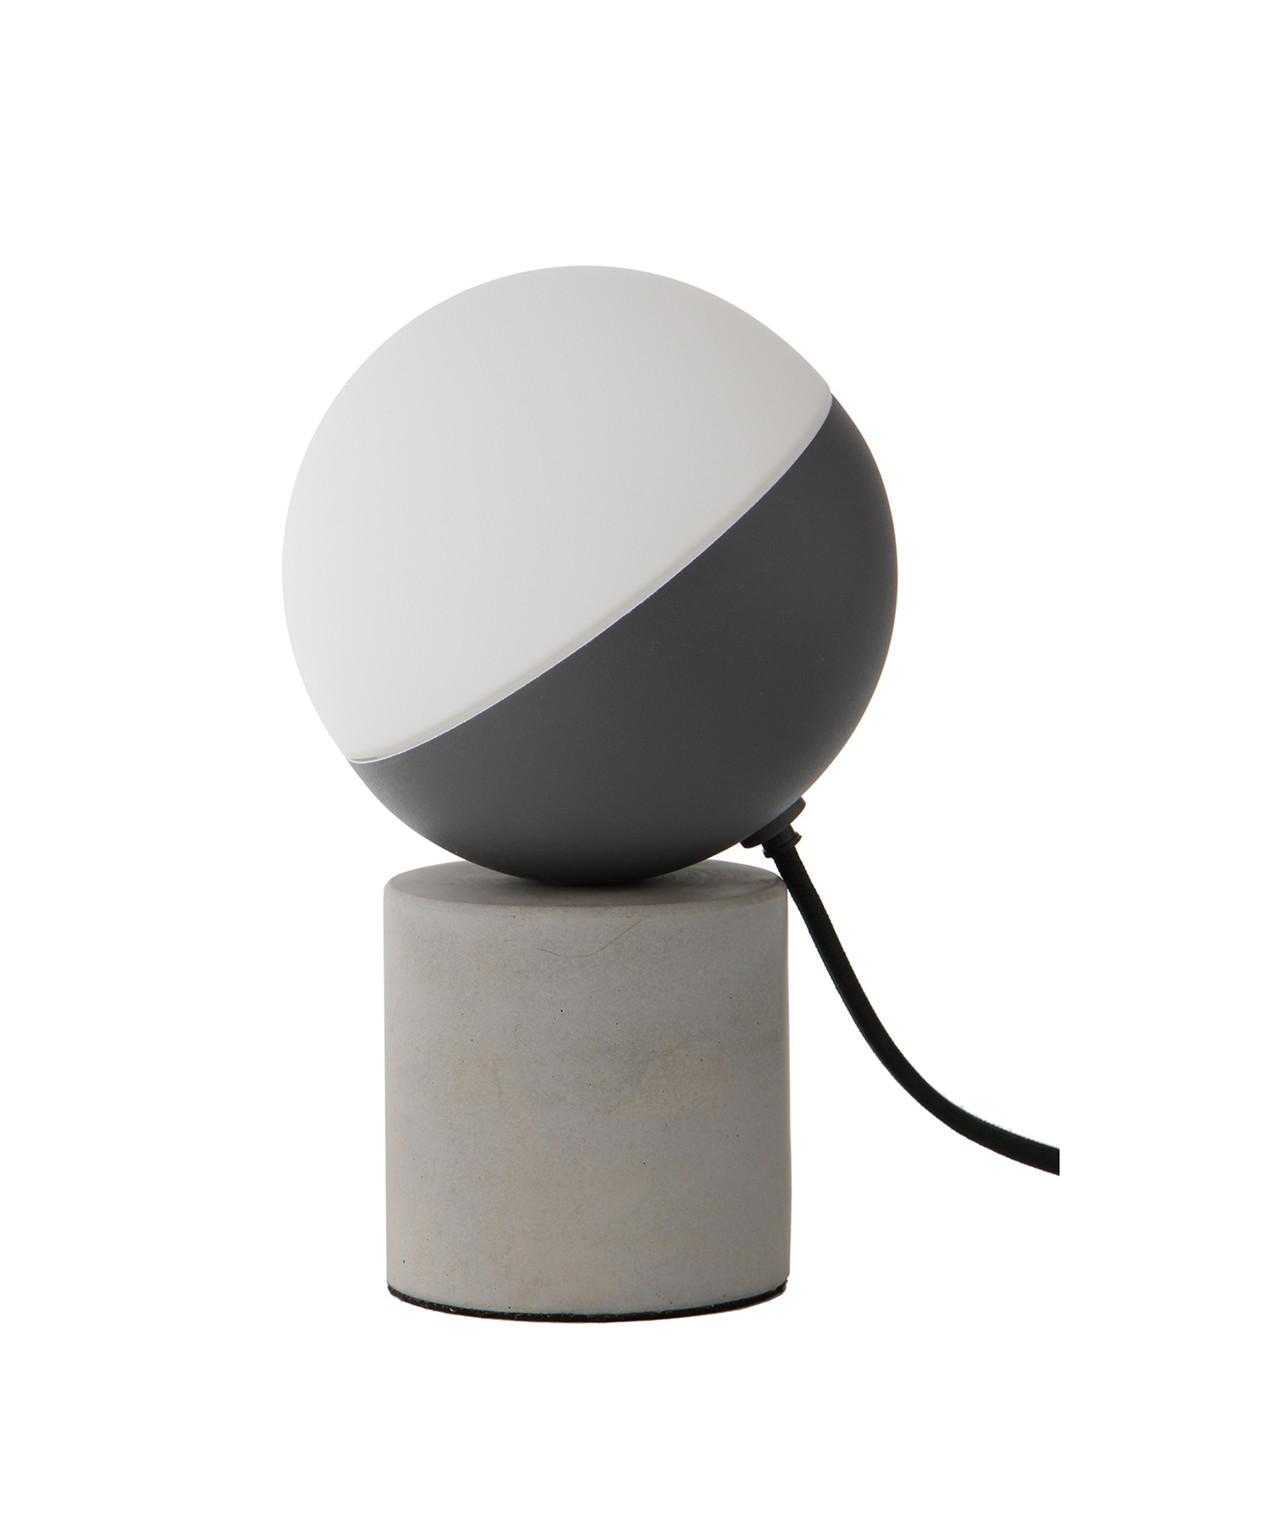 Fabian Mini Bordlampe Matt Svart/Betong/Opal Hvit - Frandsen